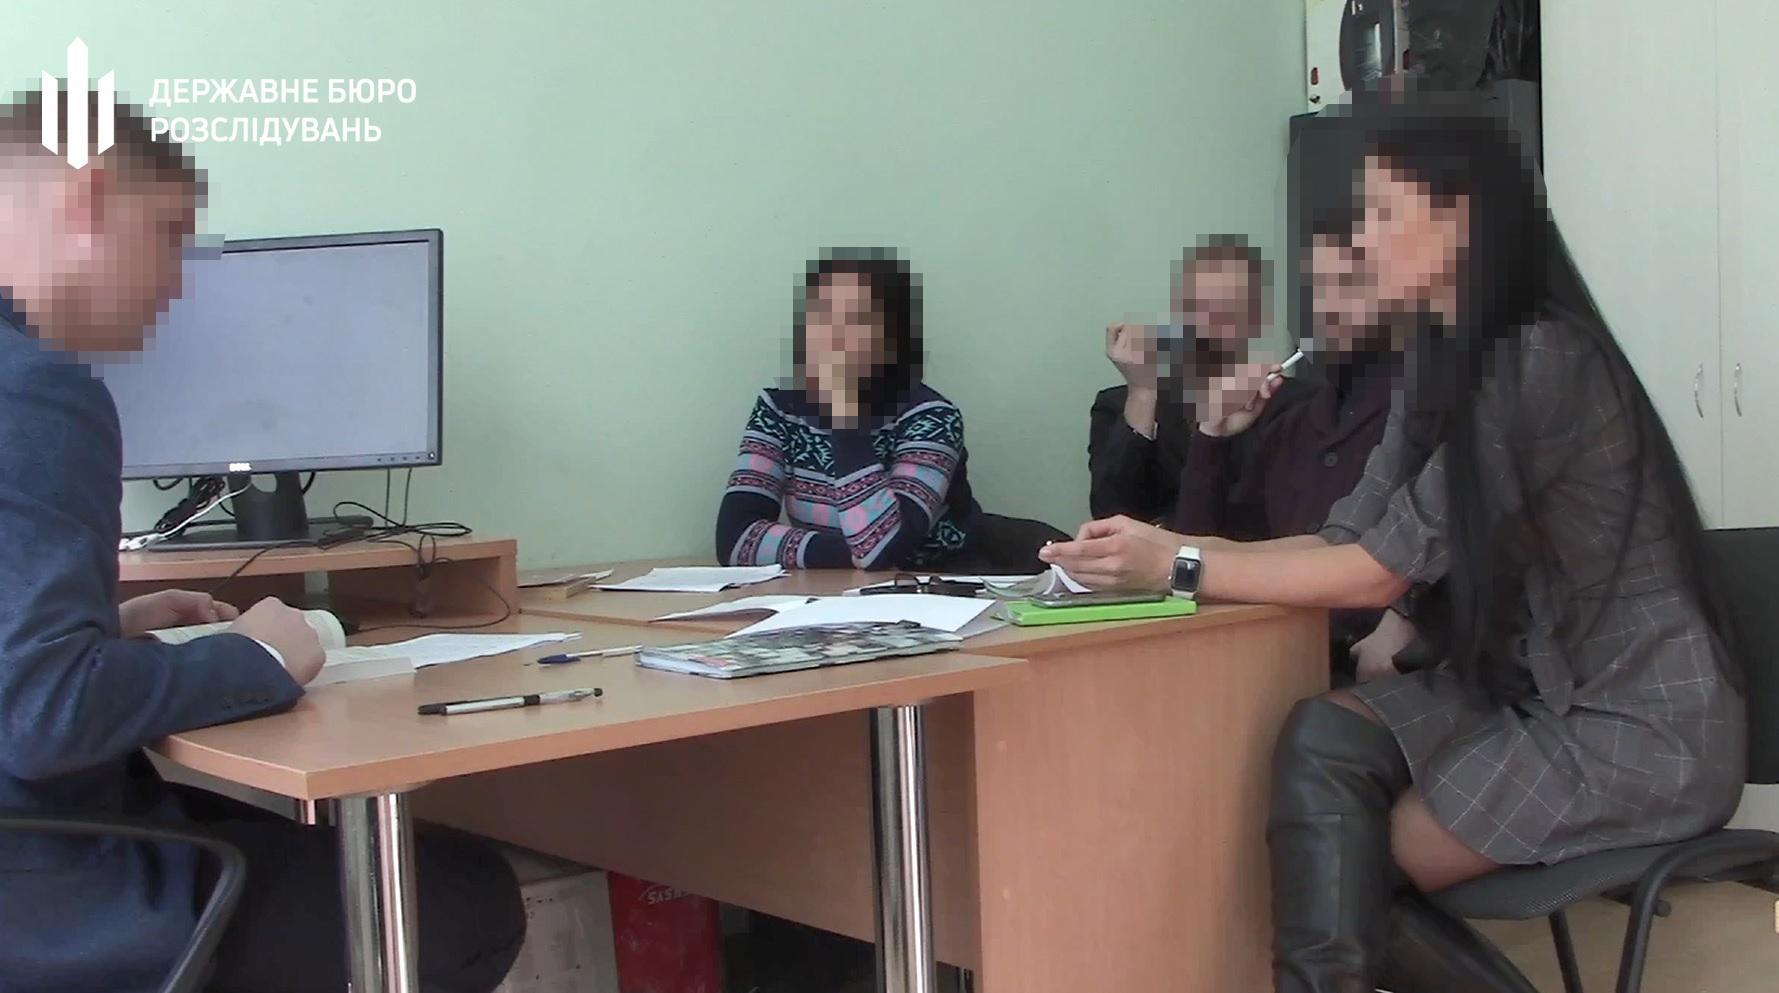 Марусі Звіробій з Васильківщини повідомили про підозру у погрозі вбивством президенту України